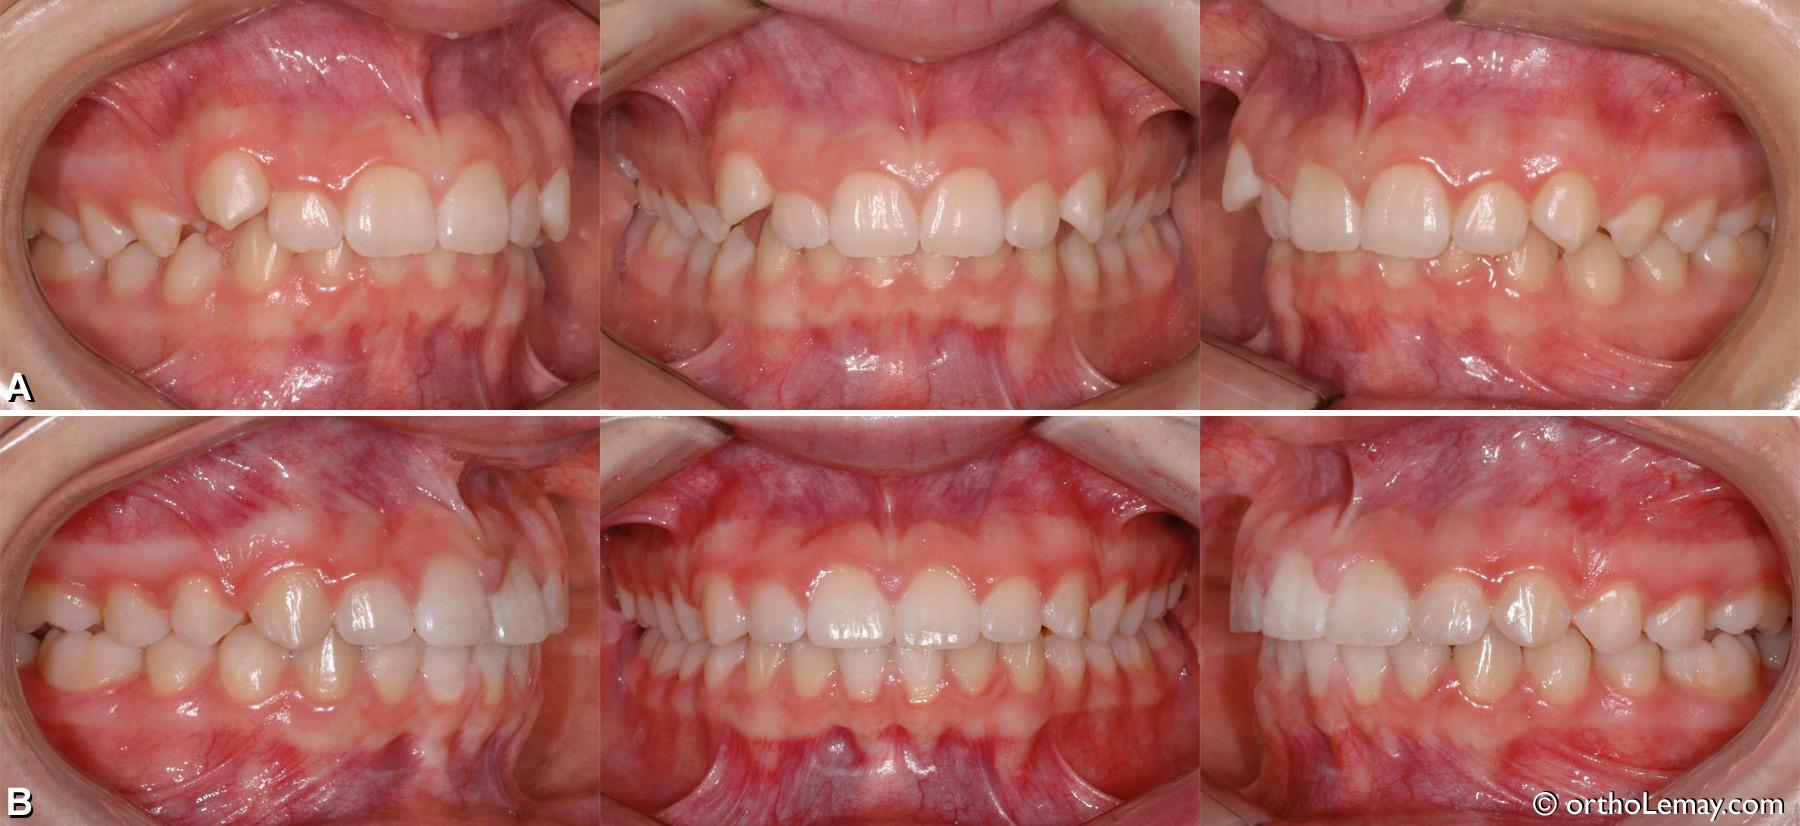 malocclusion classe 1 dentaire, overbite, surplomb excessif, ligne médiane déviée, chevauchement dentaire.